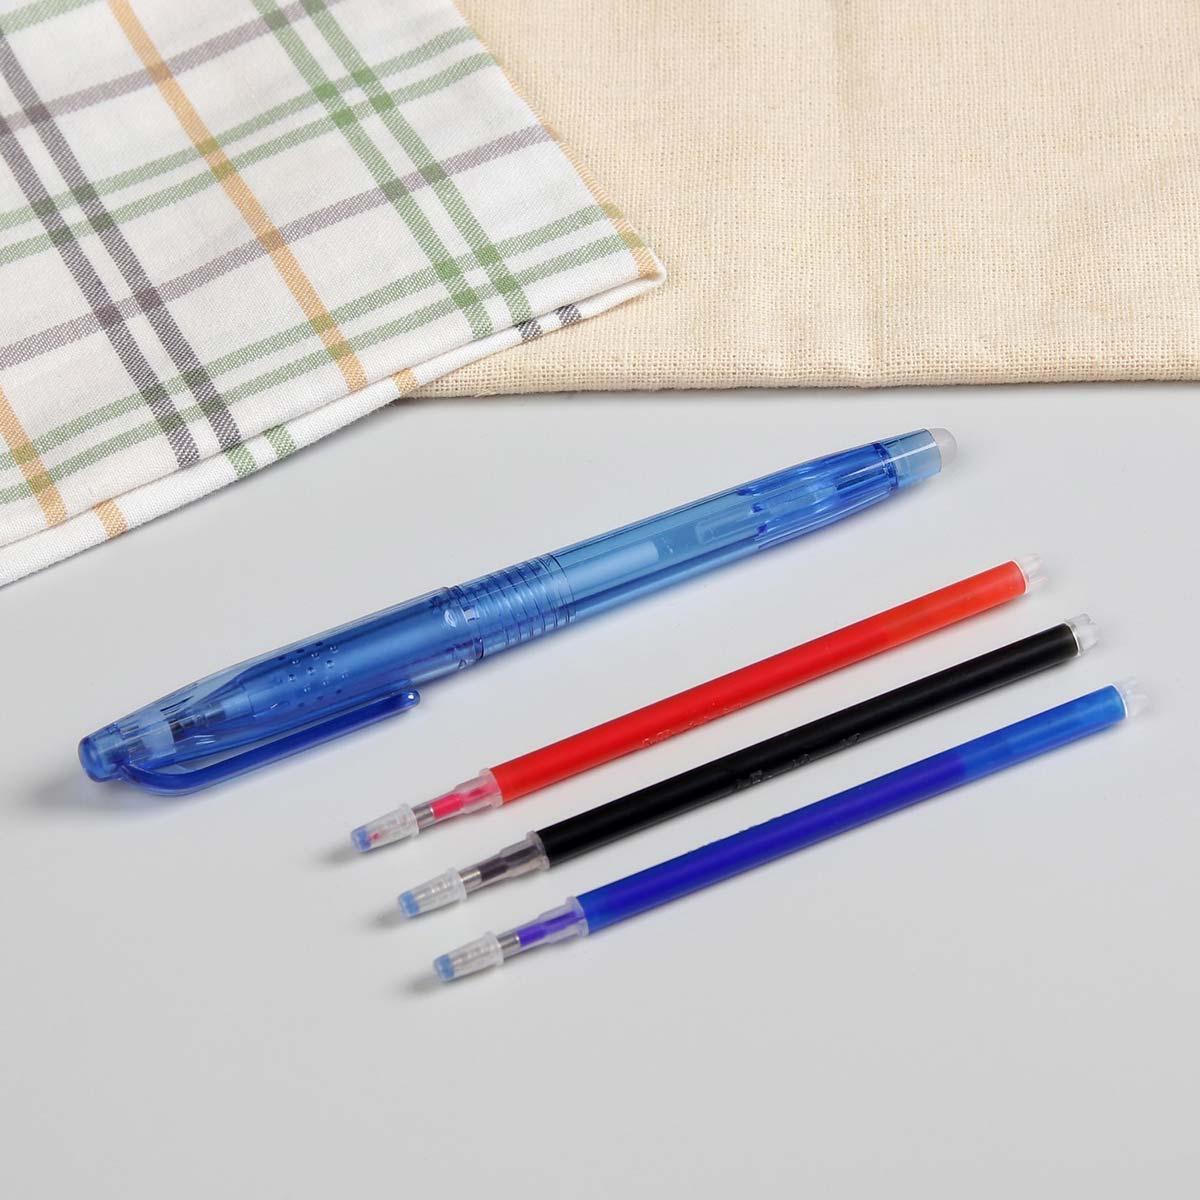 4461203 Ручка для ткани термоисчезающая, с набором стержней, цвет белый/розовый/чёрный/синий